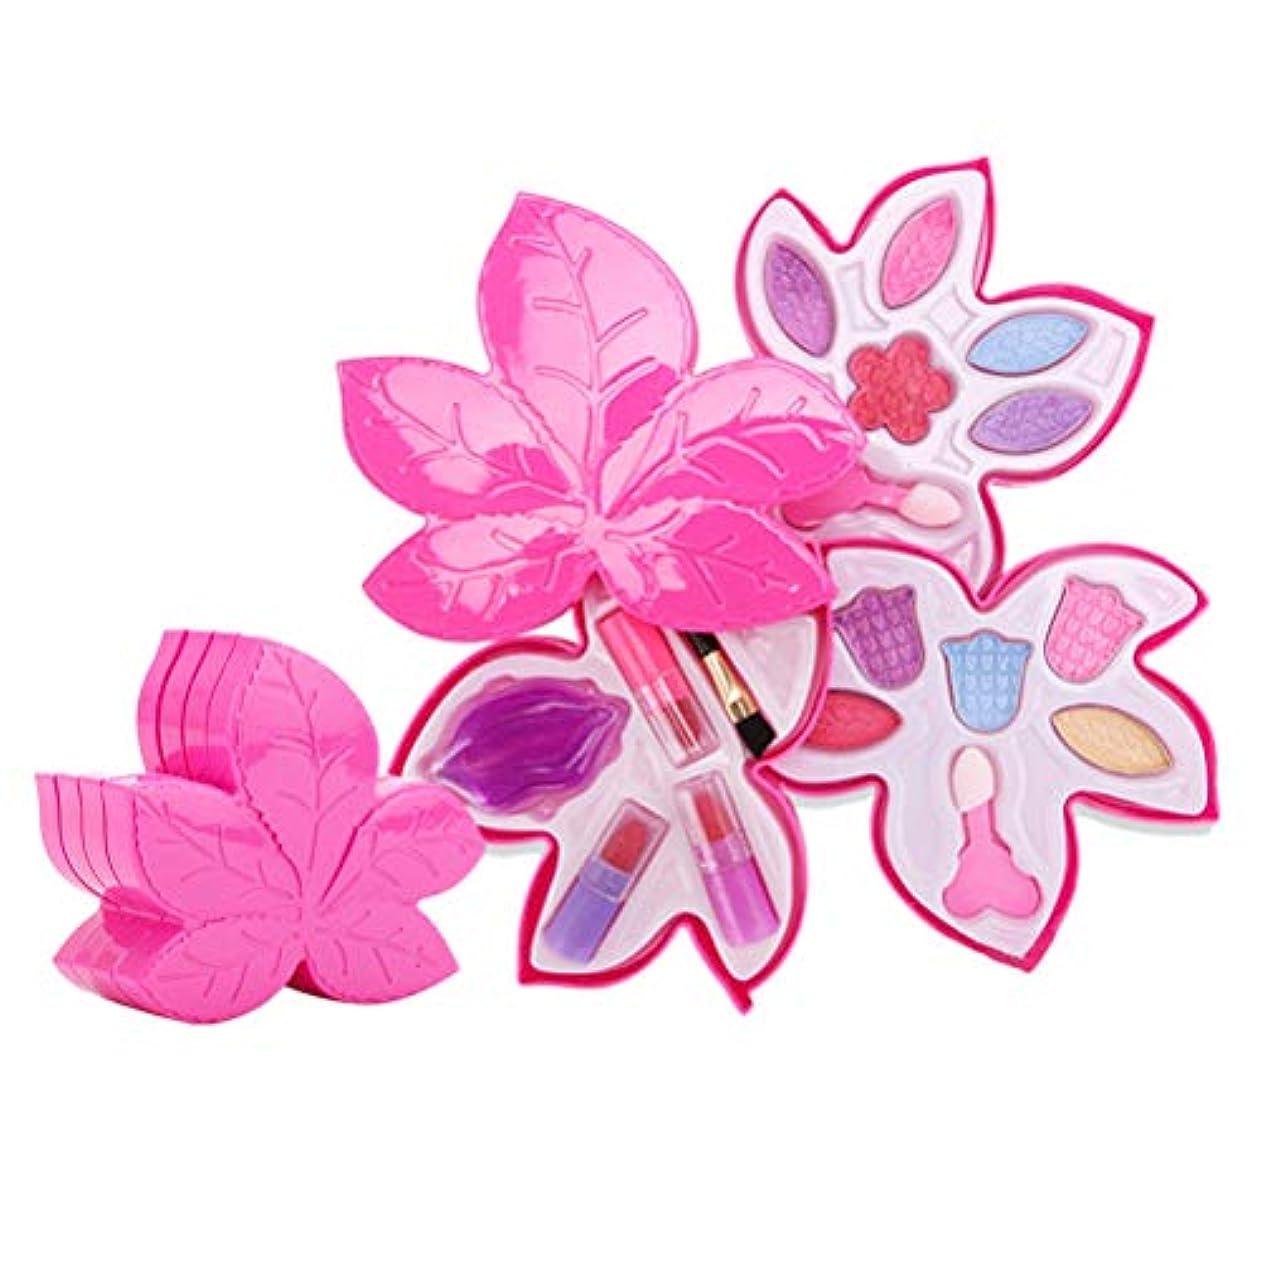 反発する思いやりのあるペチュランスToyvian 女の子メイクアップセットメイクアップリップスティックアイシャドウおもちゃ誕生日パーティー子供ギフト(メープルリーフ型化粧品ギフトボックス4層)